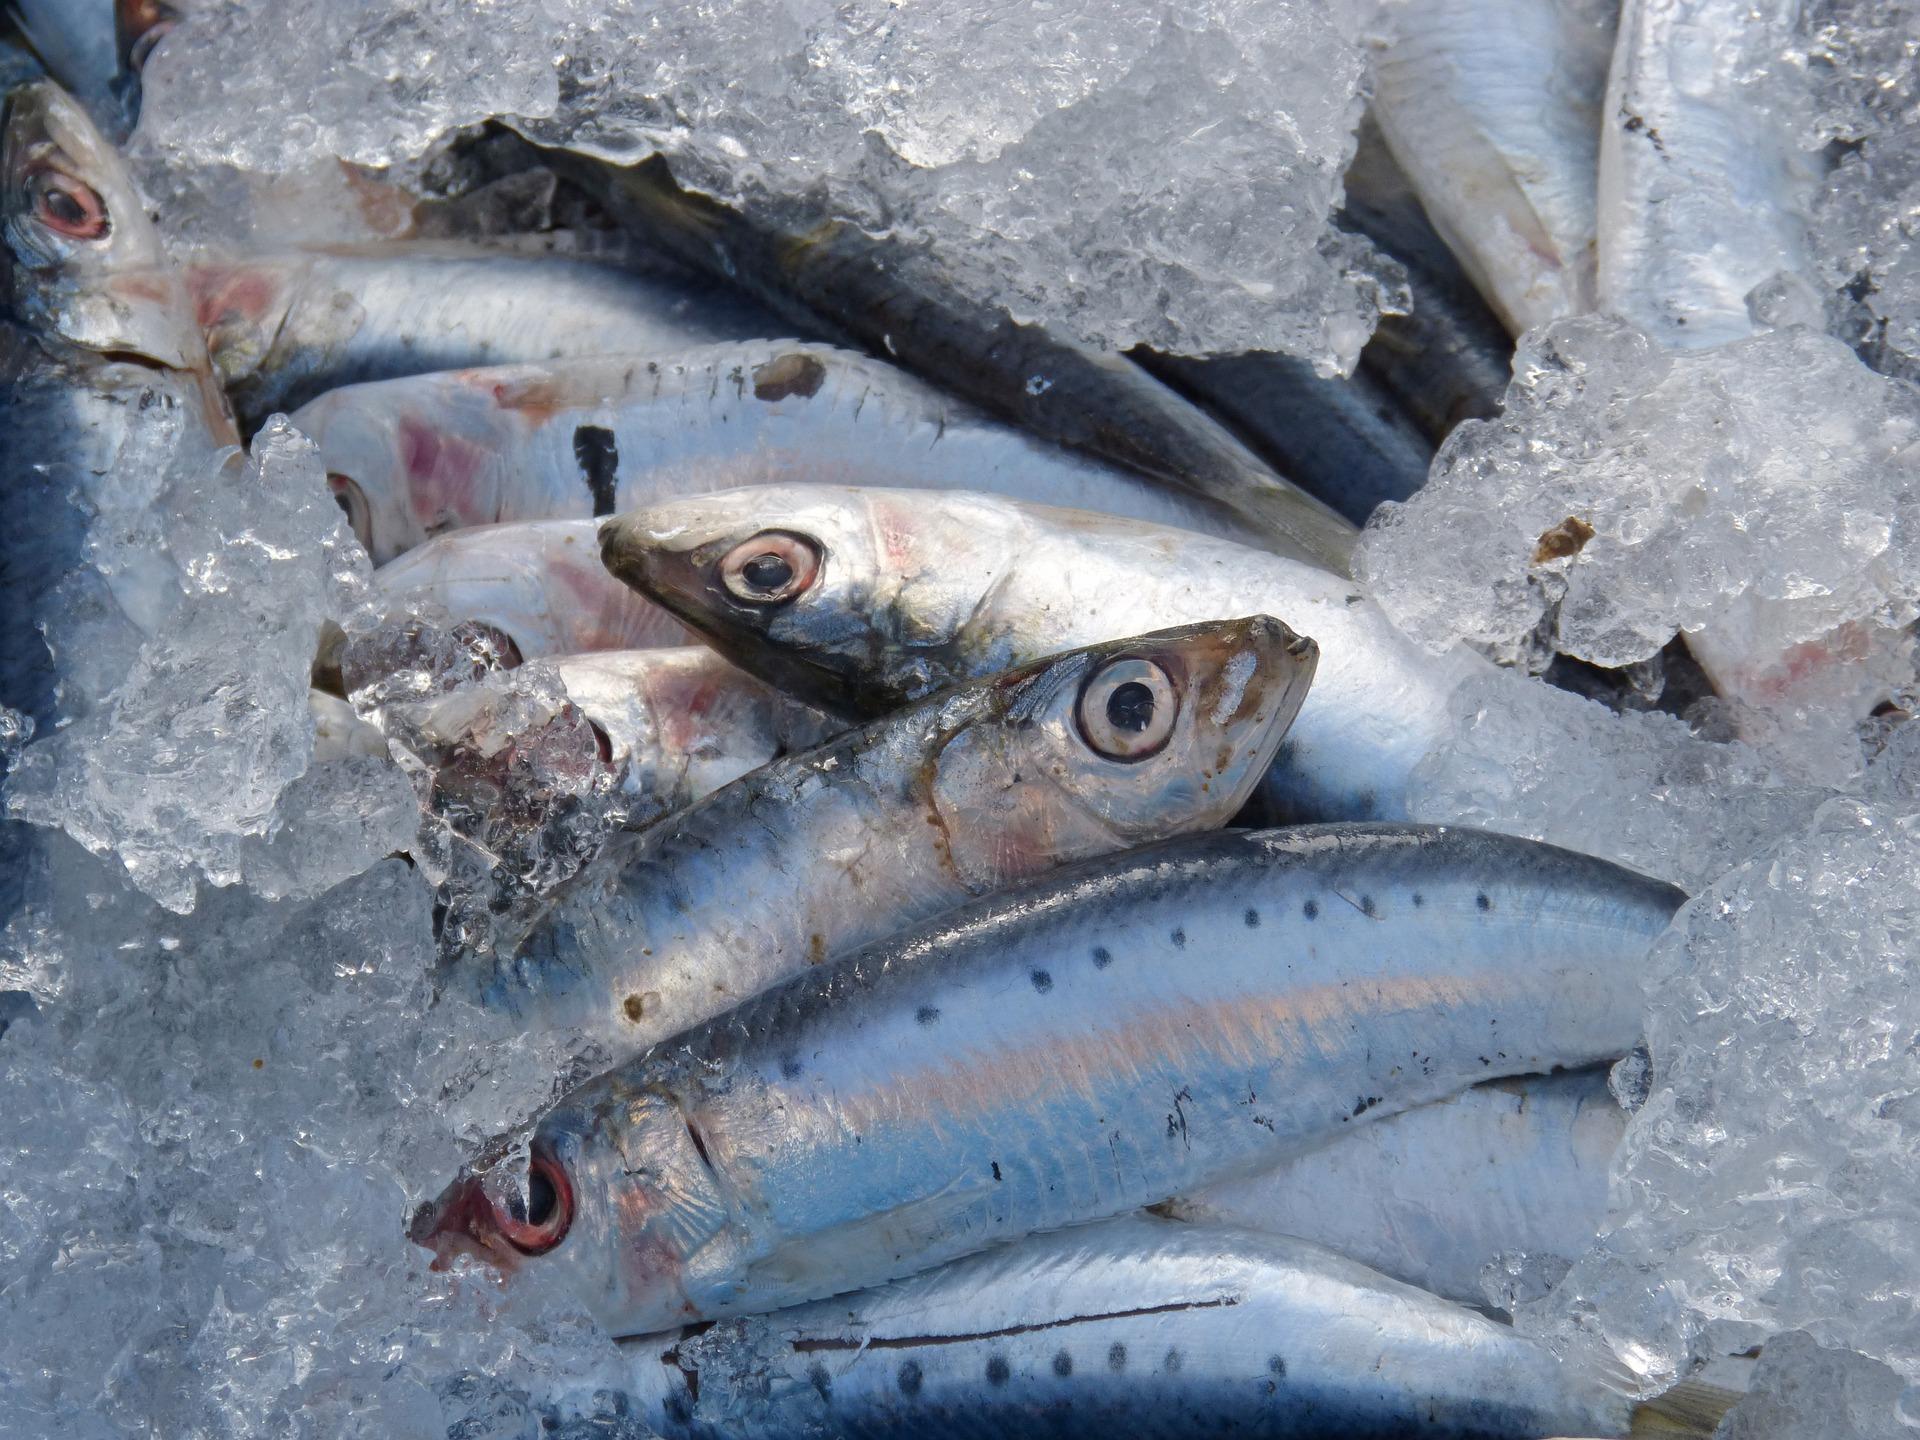 imagen de El 58% de las sardinas del Mediterráneo occidental ha ingerido microplásticos, según un estudio. / Pixabay